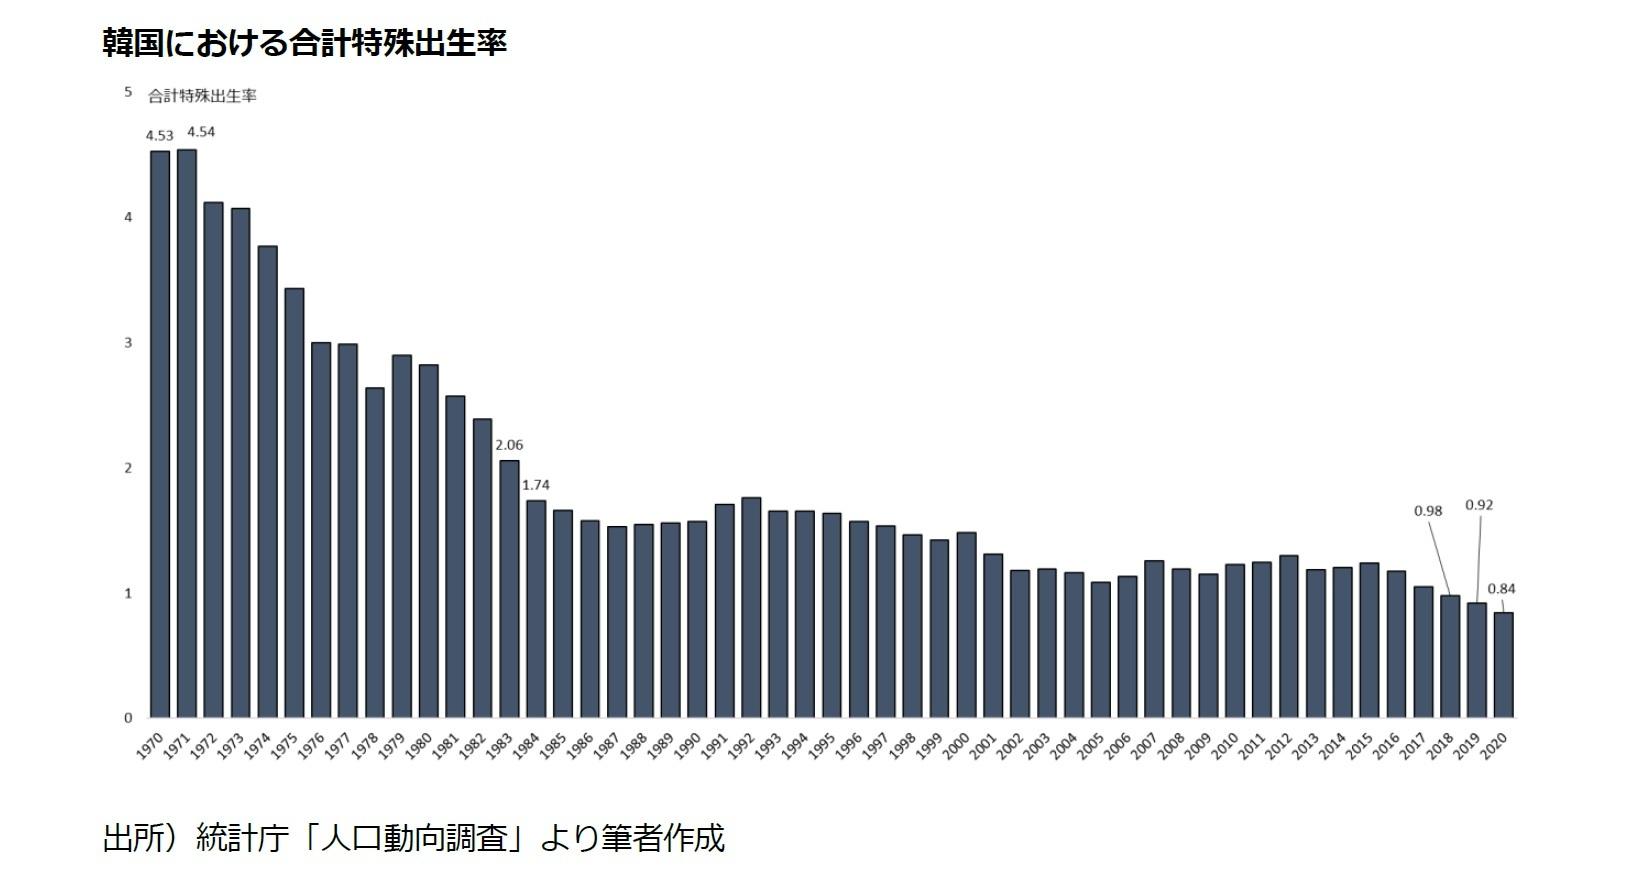 韓国における合計特殊出生率